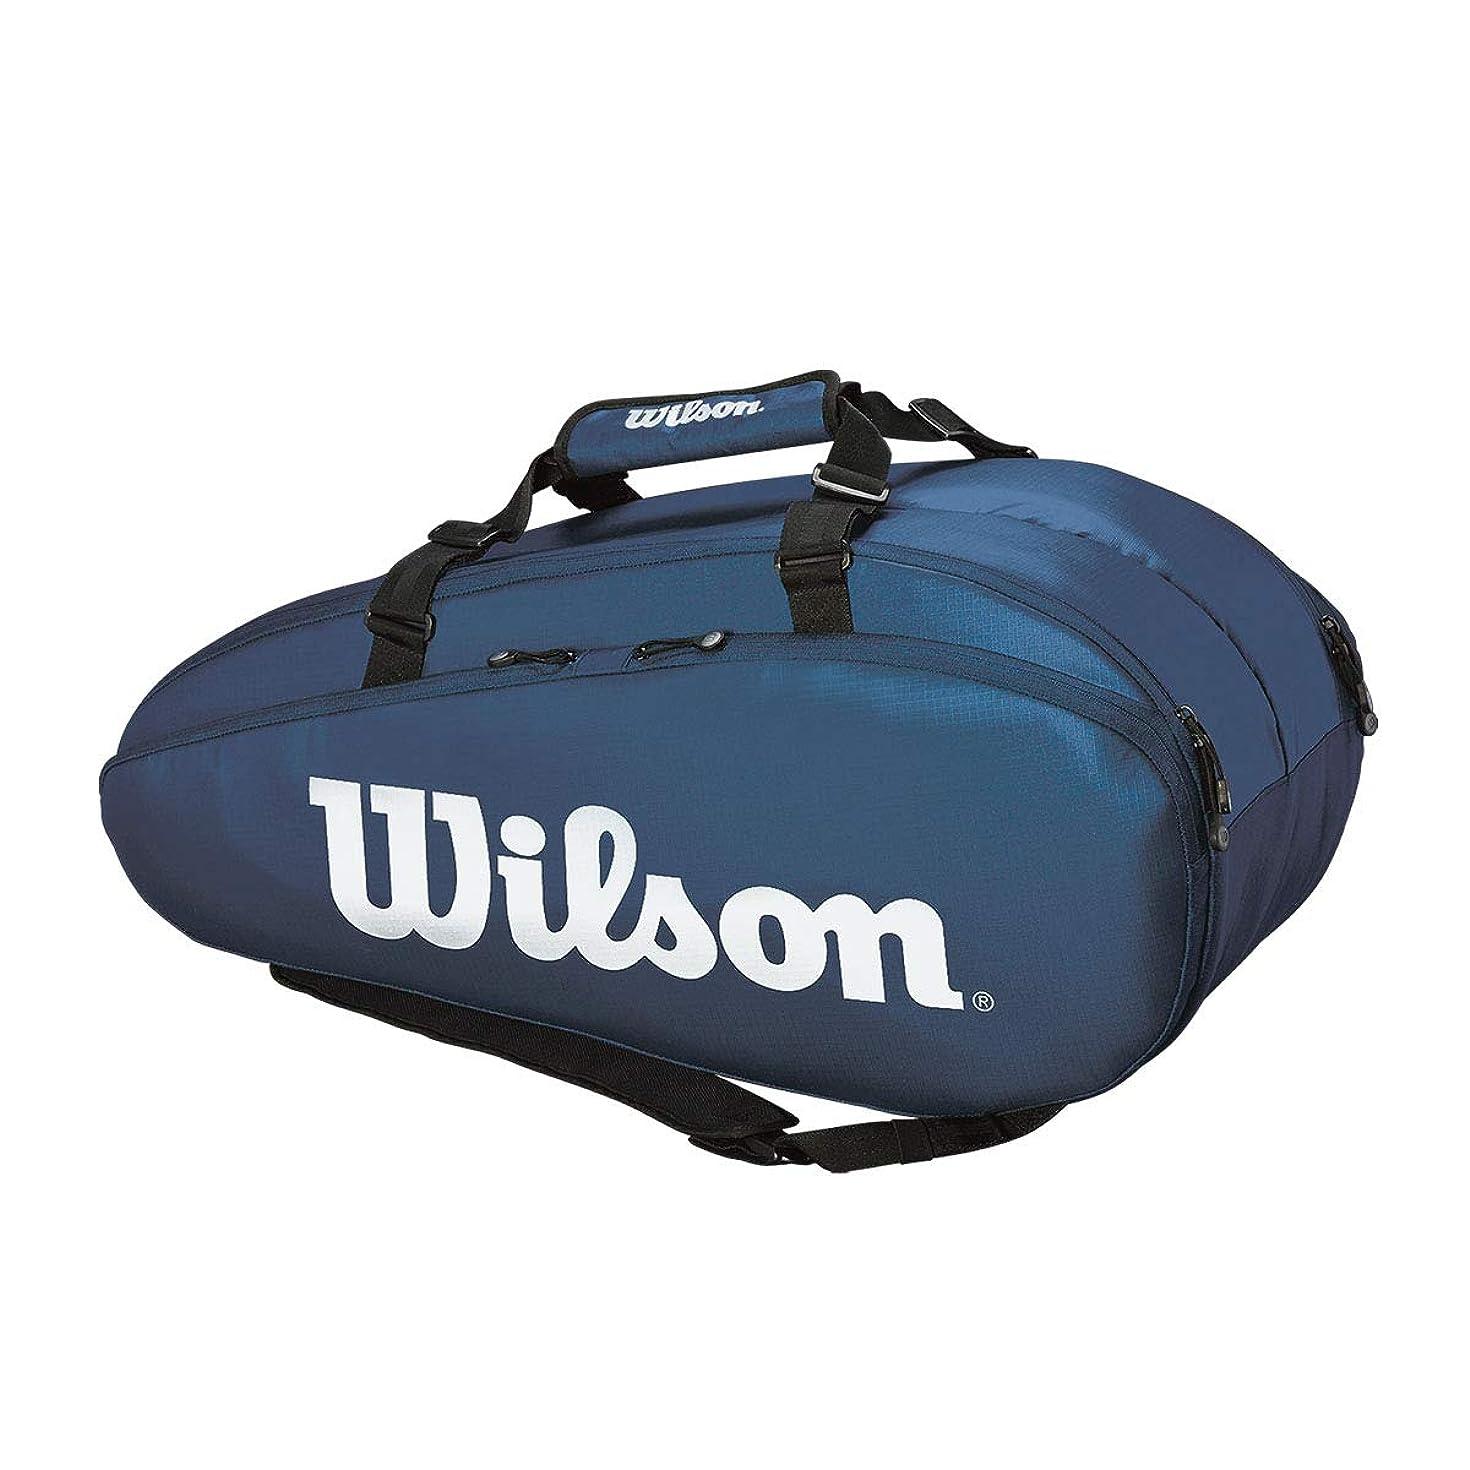 ピアノ消毒する仕えるWilson(ウイルソン) テニス バドミントン ラケットバッグ TOUR 2 COMP LARGE(ツアー2コンプラージ) ラケット9本収納可能 WR8004002001 ネイビー/ホワイト